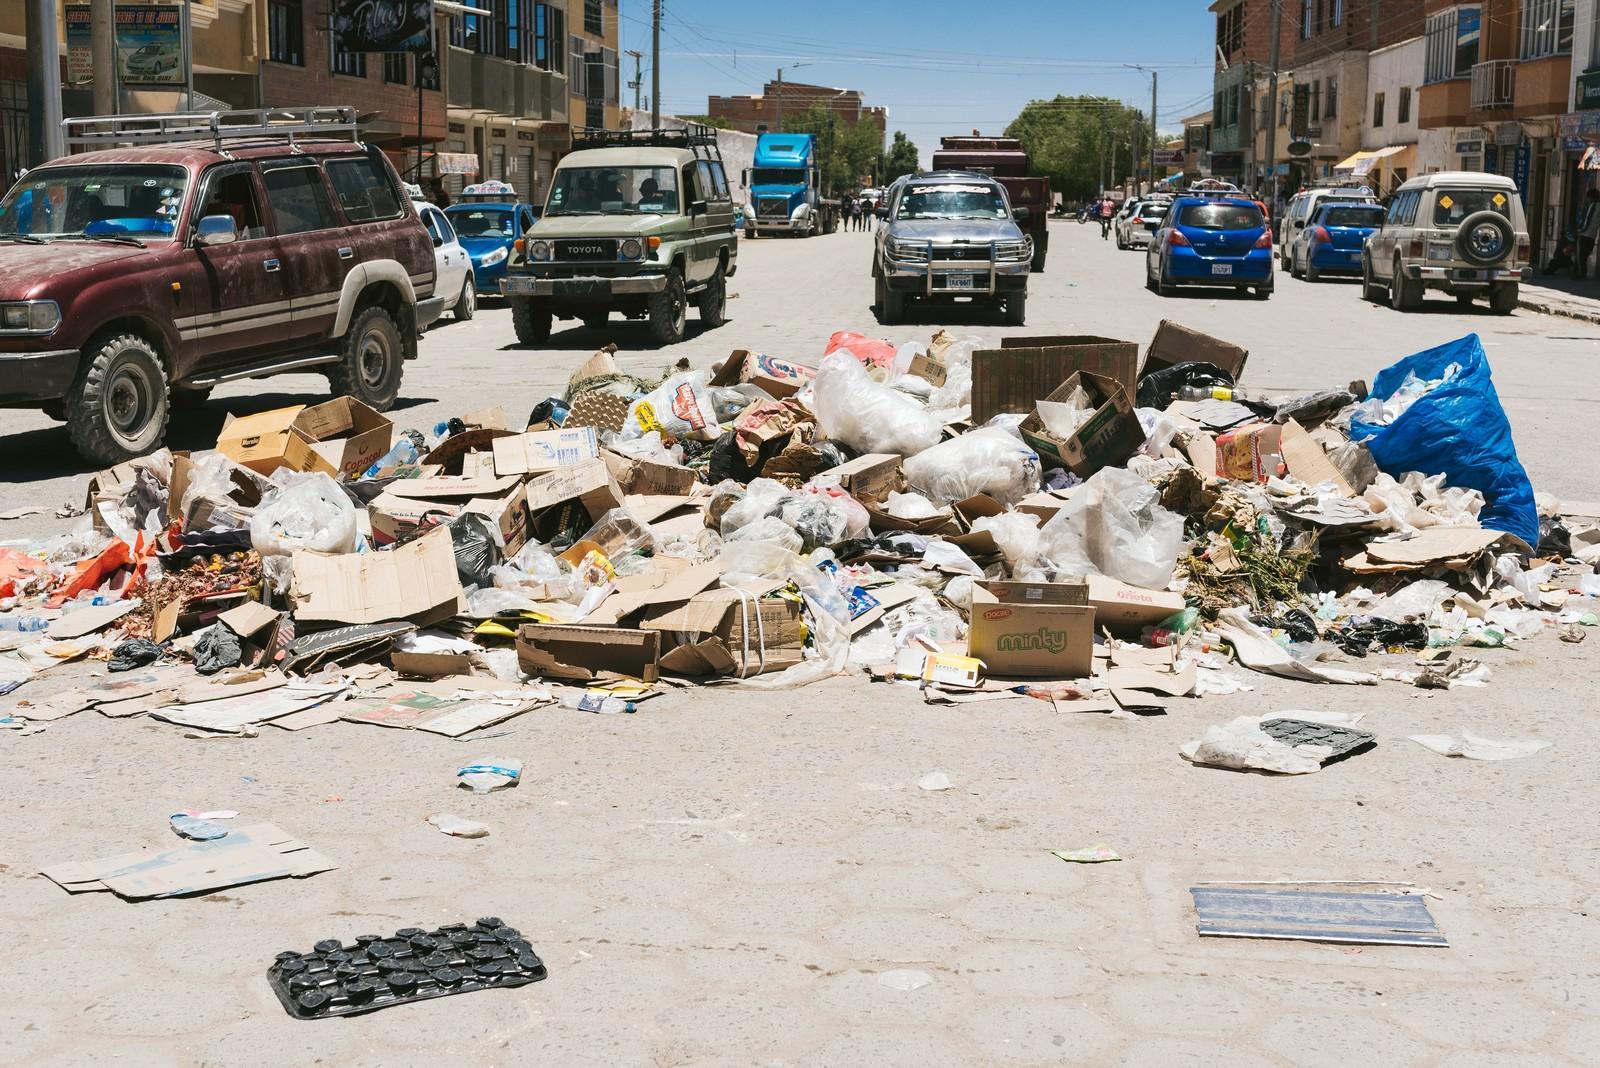 「ウユニ市内の廃棄物問題」の写真